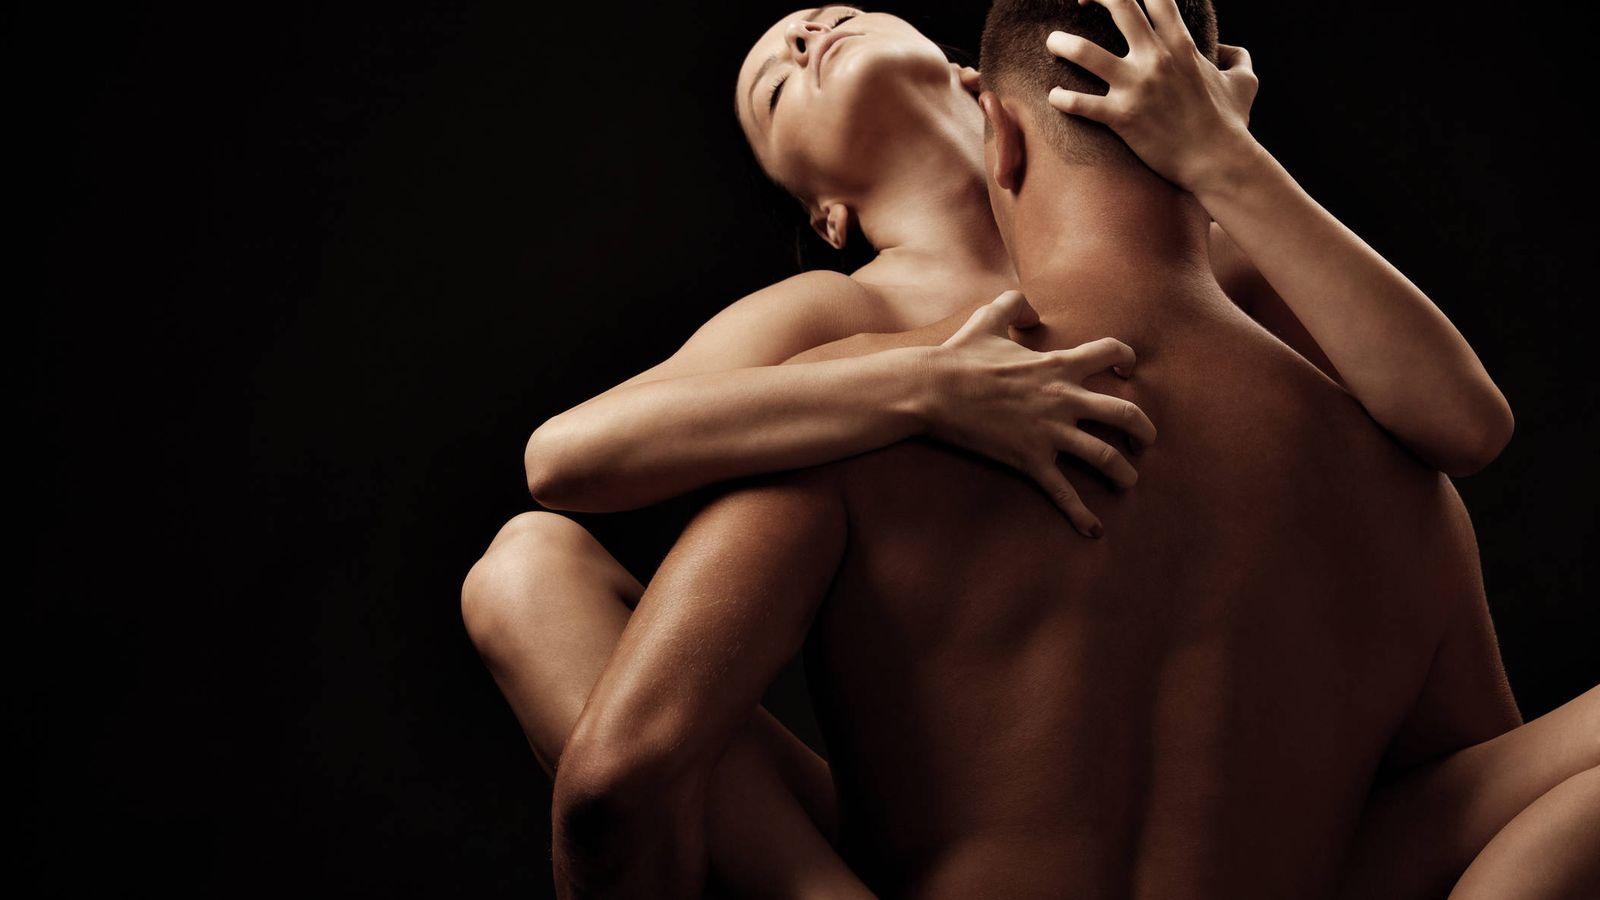 Mejor pelicula erotico porno italiana Peliculas Las Peliculas Porno Con Las Mejores Tramas Y Las Mas Divertidas